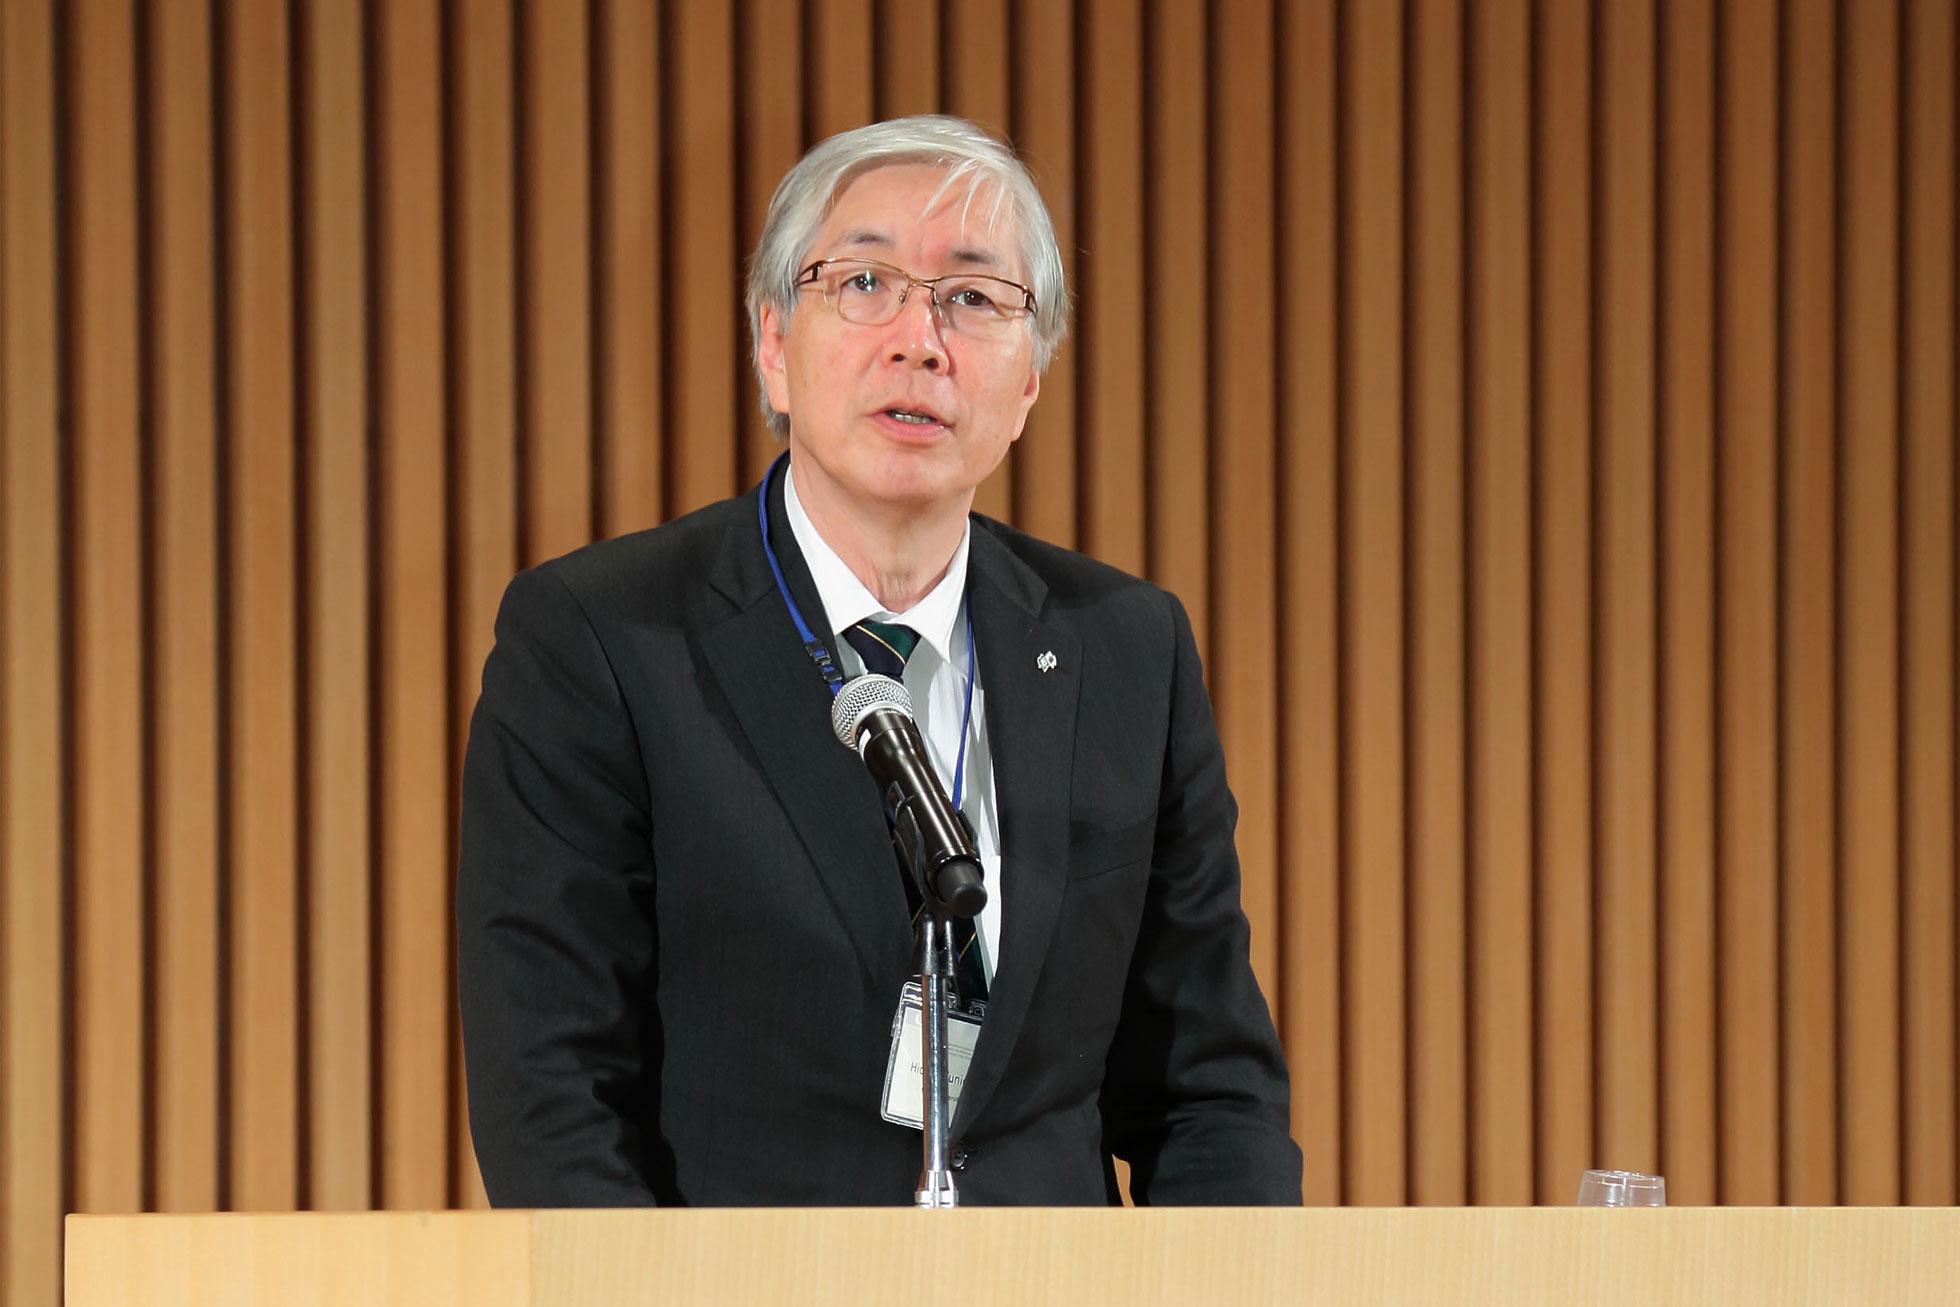 http://www.itbm.nagoya-u.ac.jp/en/news/2_ISTbM-3_h-kunieda.jpg